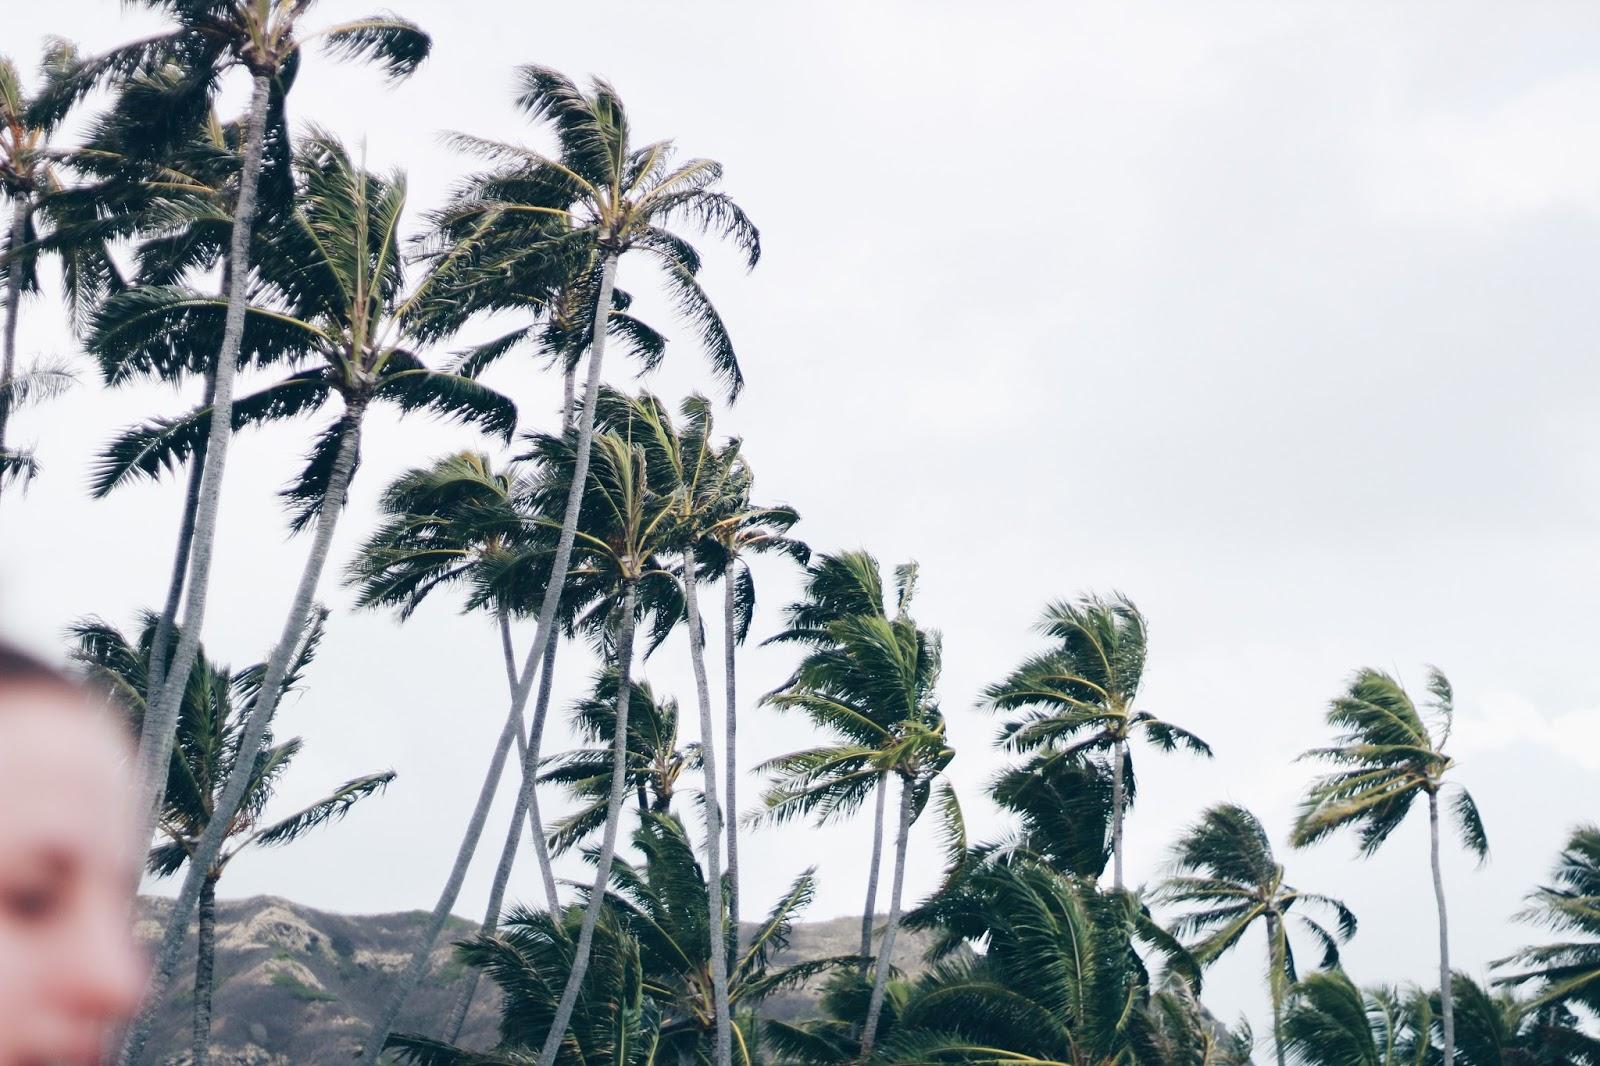 windy palm trees o'ahu hawaii